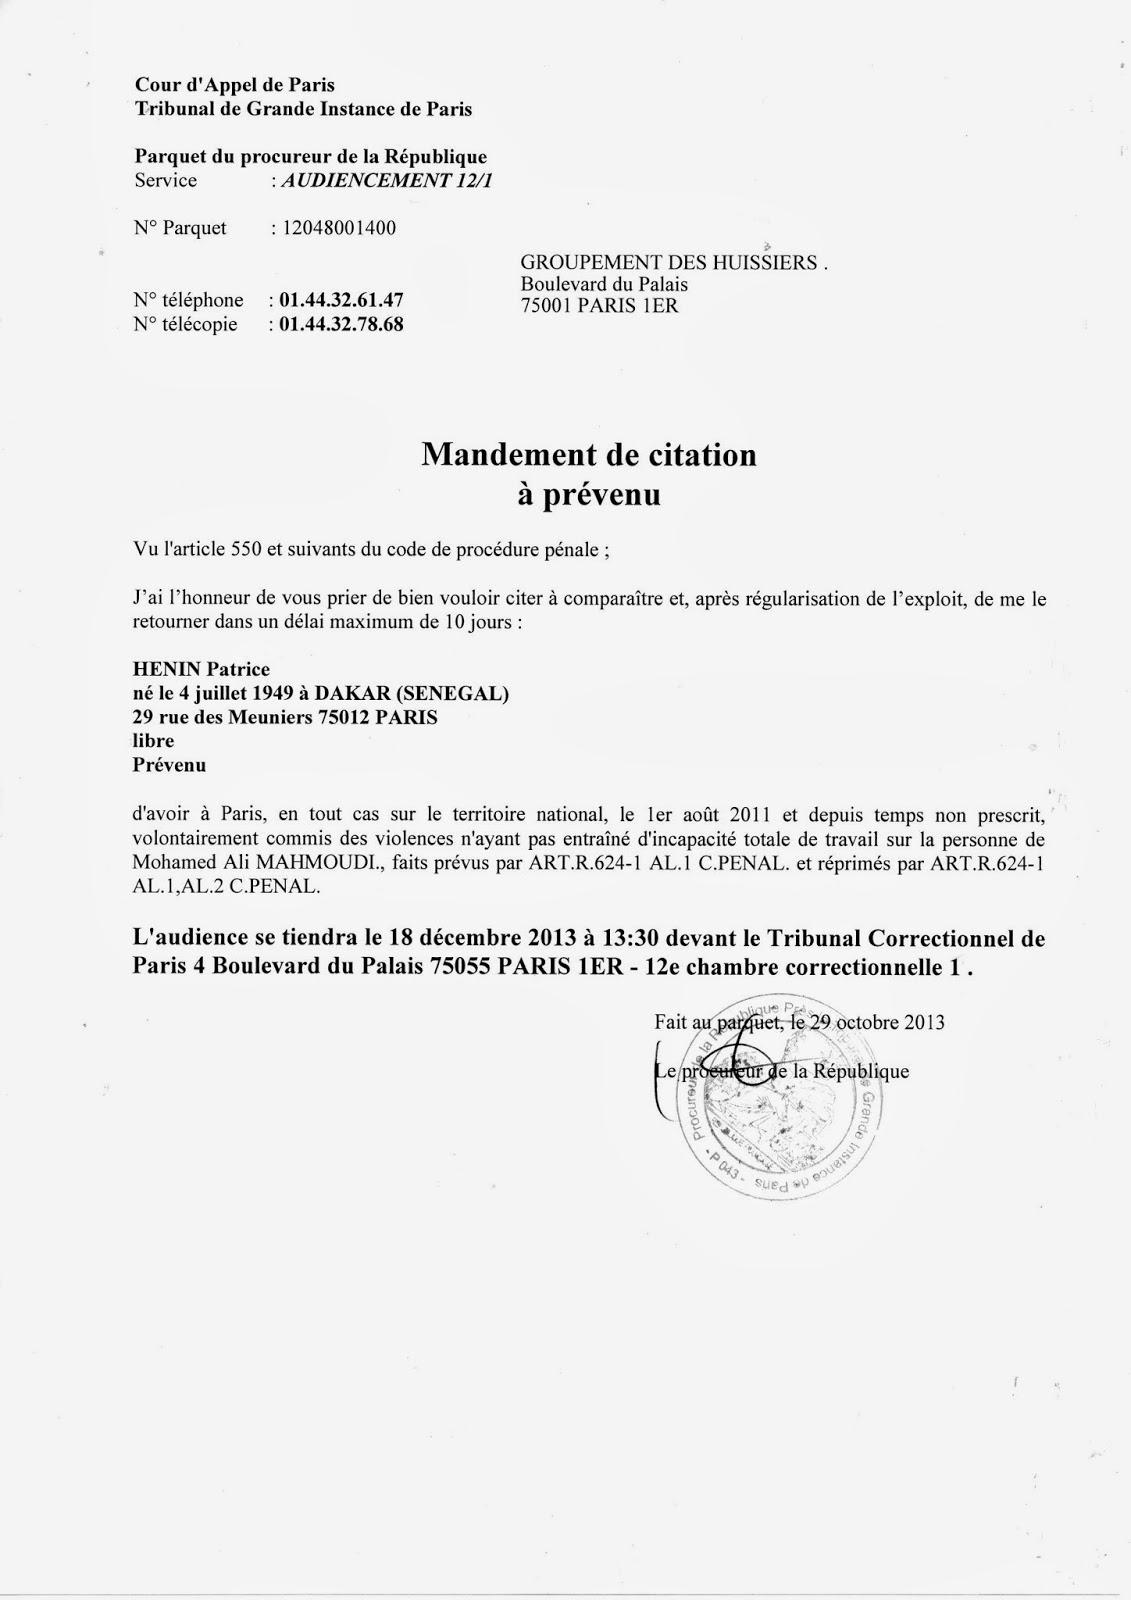 ... Chambre Correctionnelle 1. Fait Au Parquet, Le 29 Octobre 2013. Le  Procureur De La République [cachet, Signature, Pas De Nom]